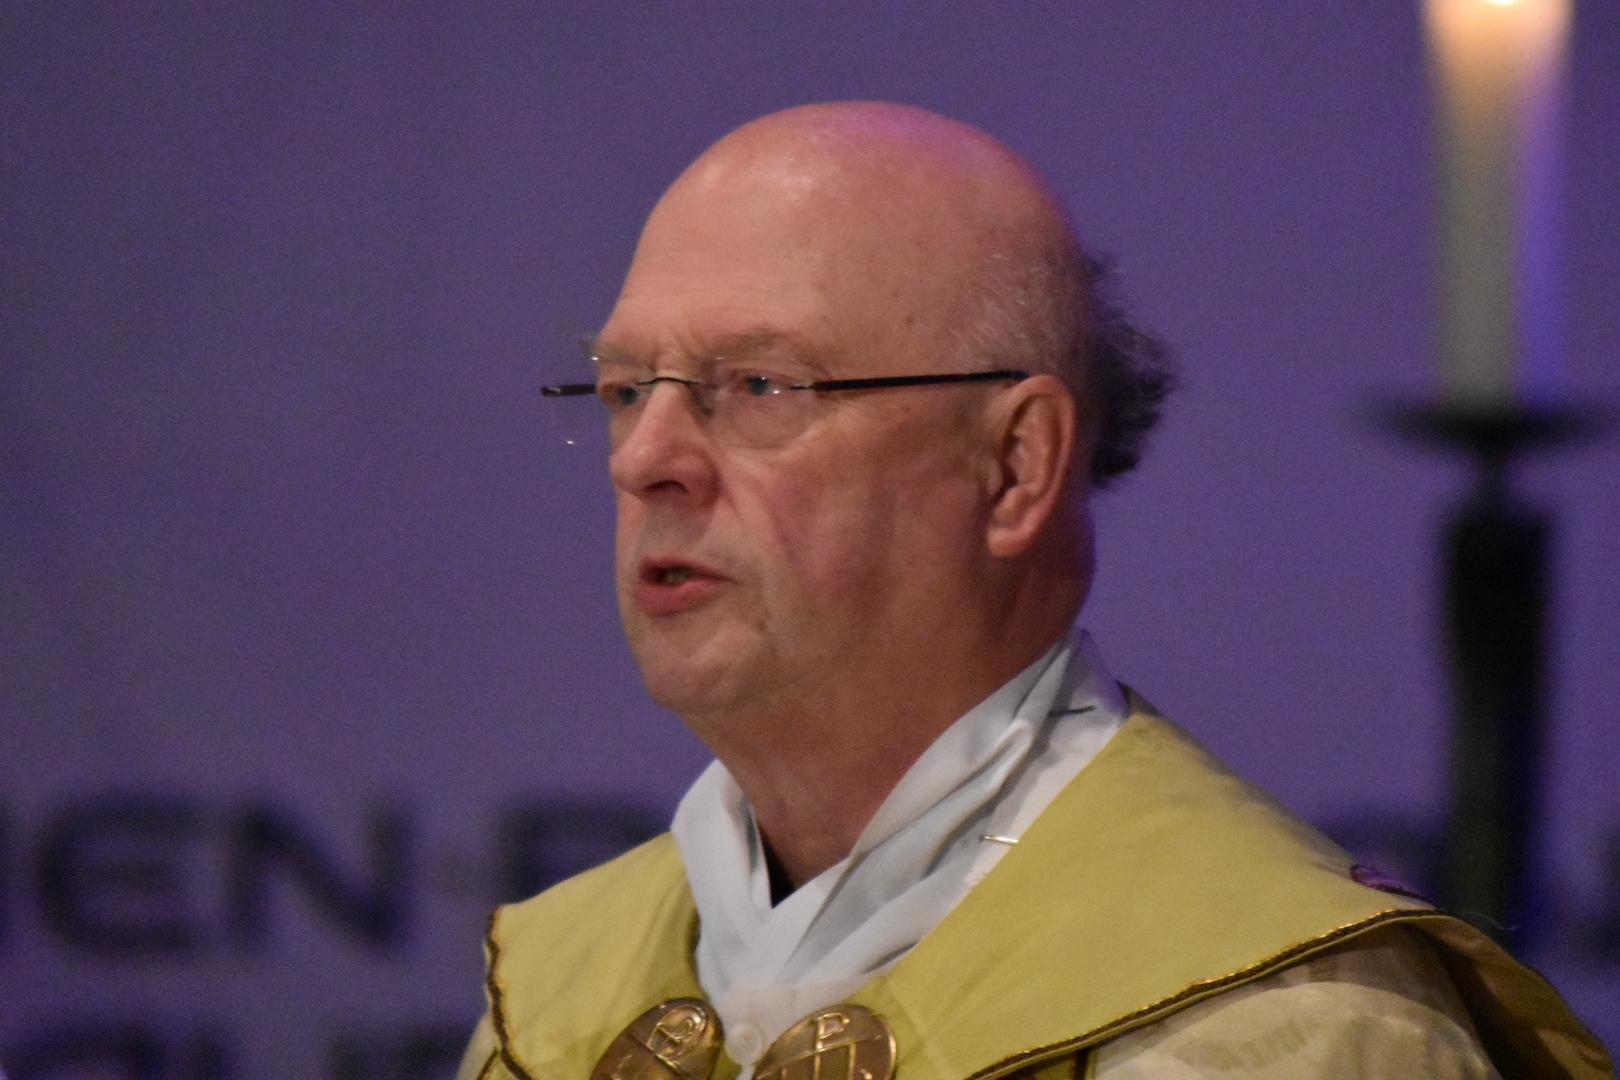 Generalvikar Alfons Hardt feiert mit uns die erste Vesper des Hochfestes.